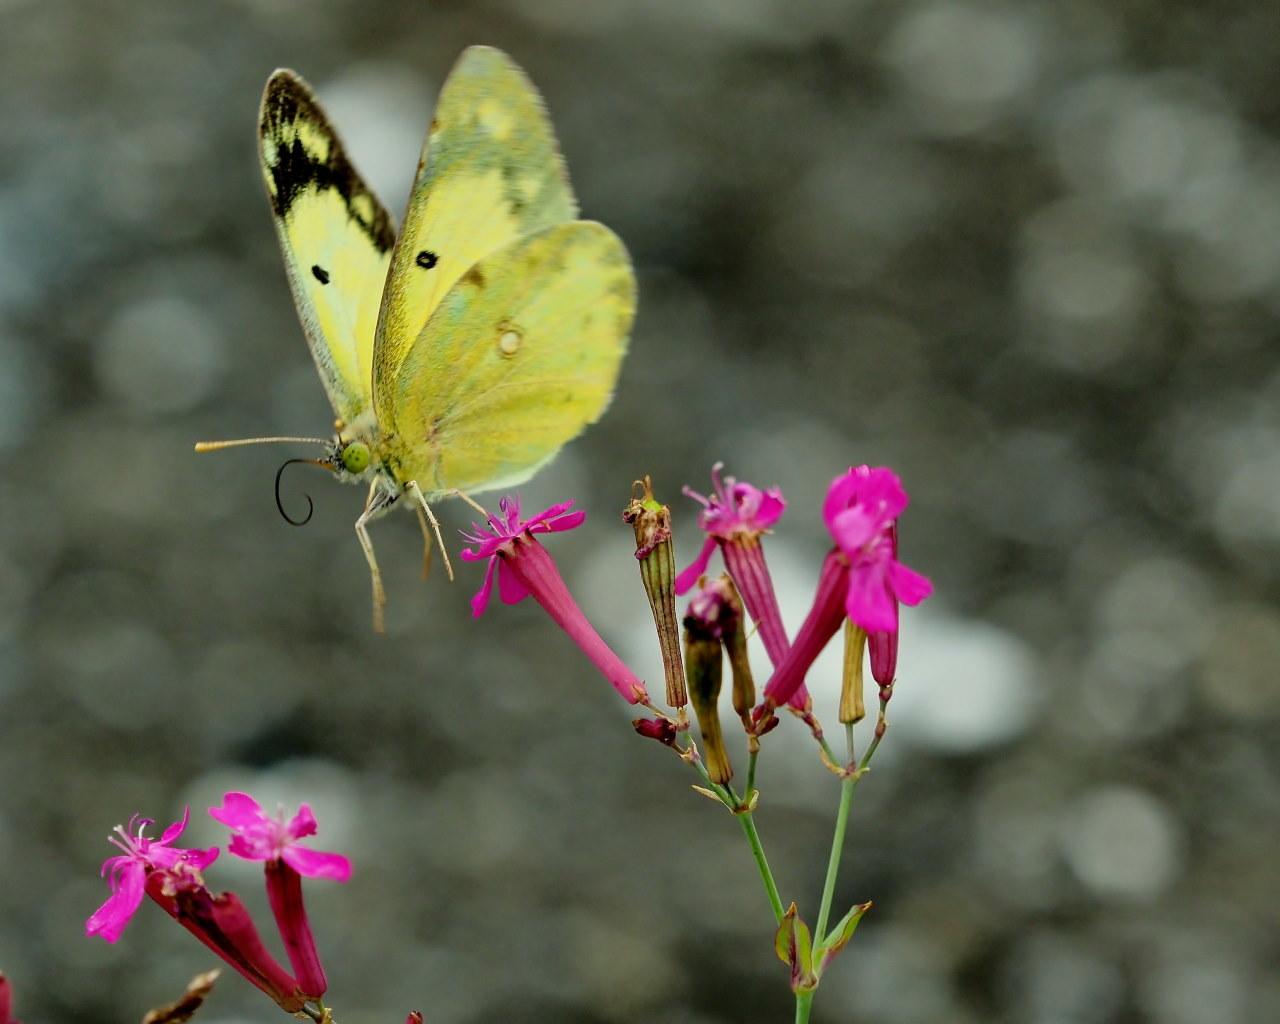 榛名湖畔で避暑がてら おもに虫撮り_c0305565_17310967.jpg